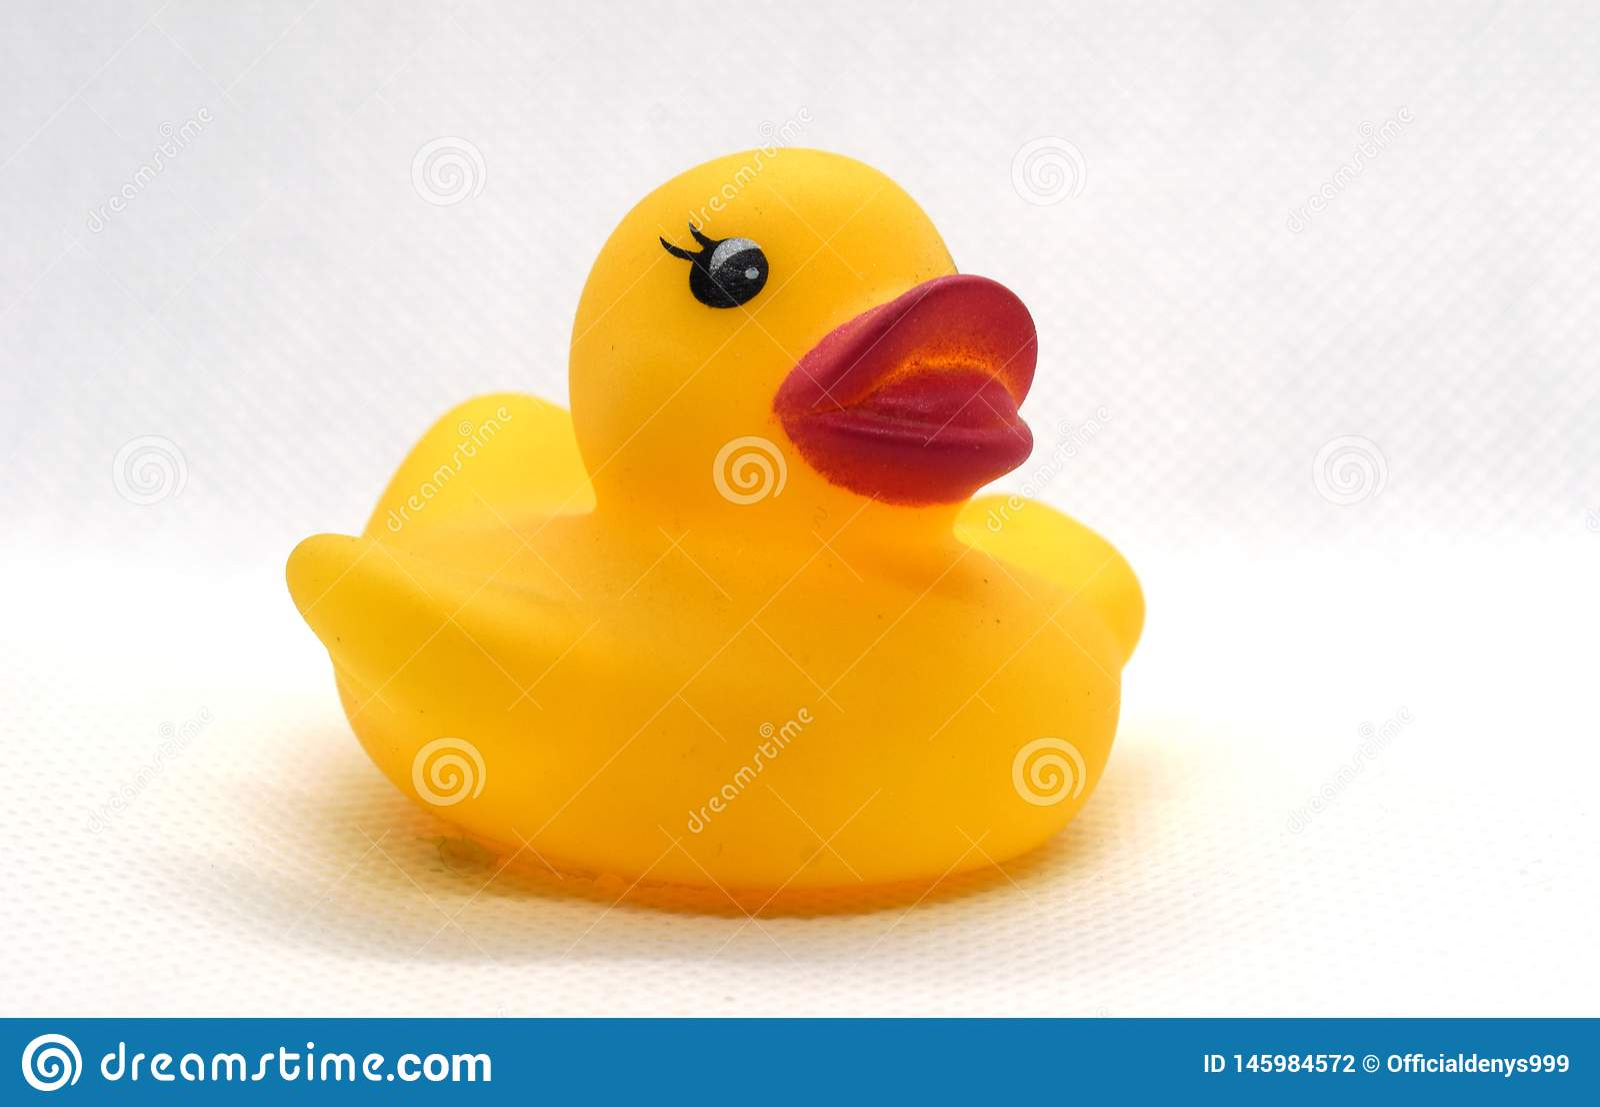 Gele rubbereend voor het zwemmen